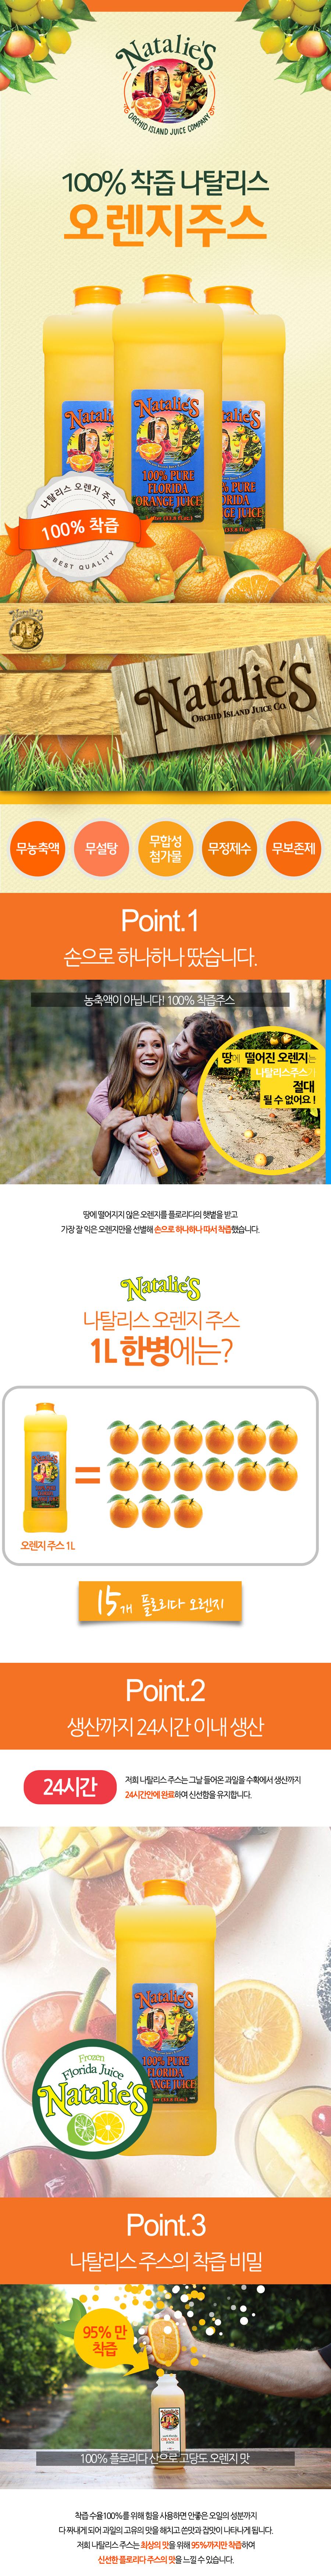 Orange_1L_01